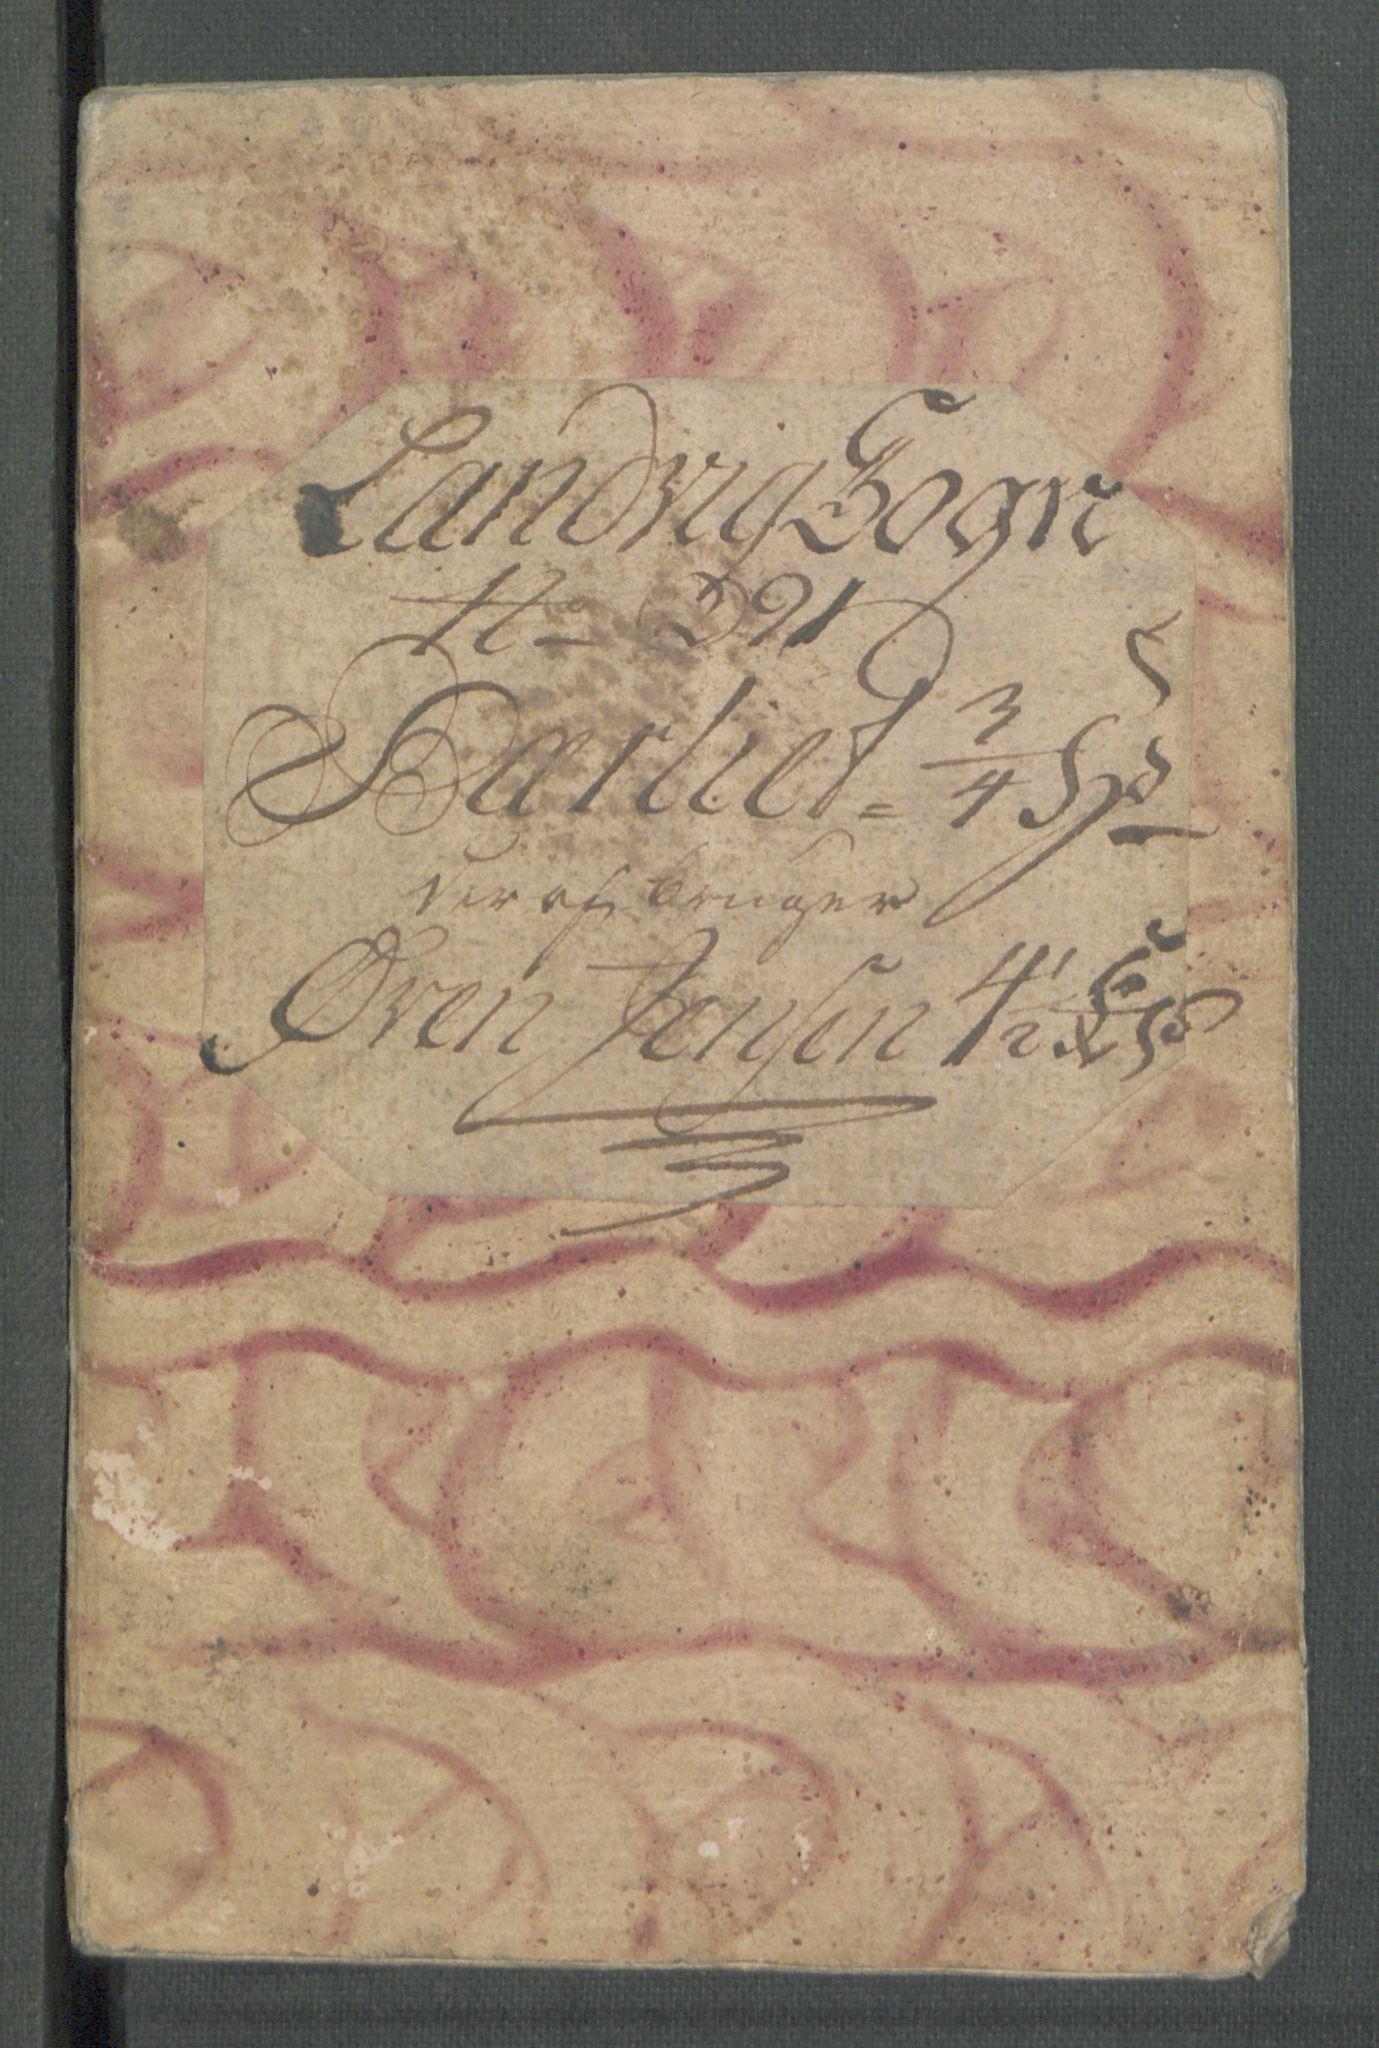 RA, Rentekammeret inntil 1814, Realistisk ordnet avdeling, Od/L0001: Oppløp, 1786-1769, s. 705